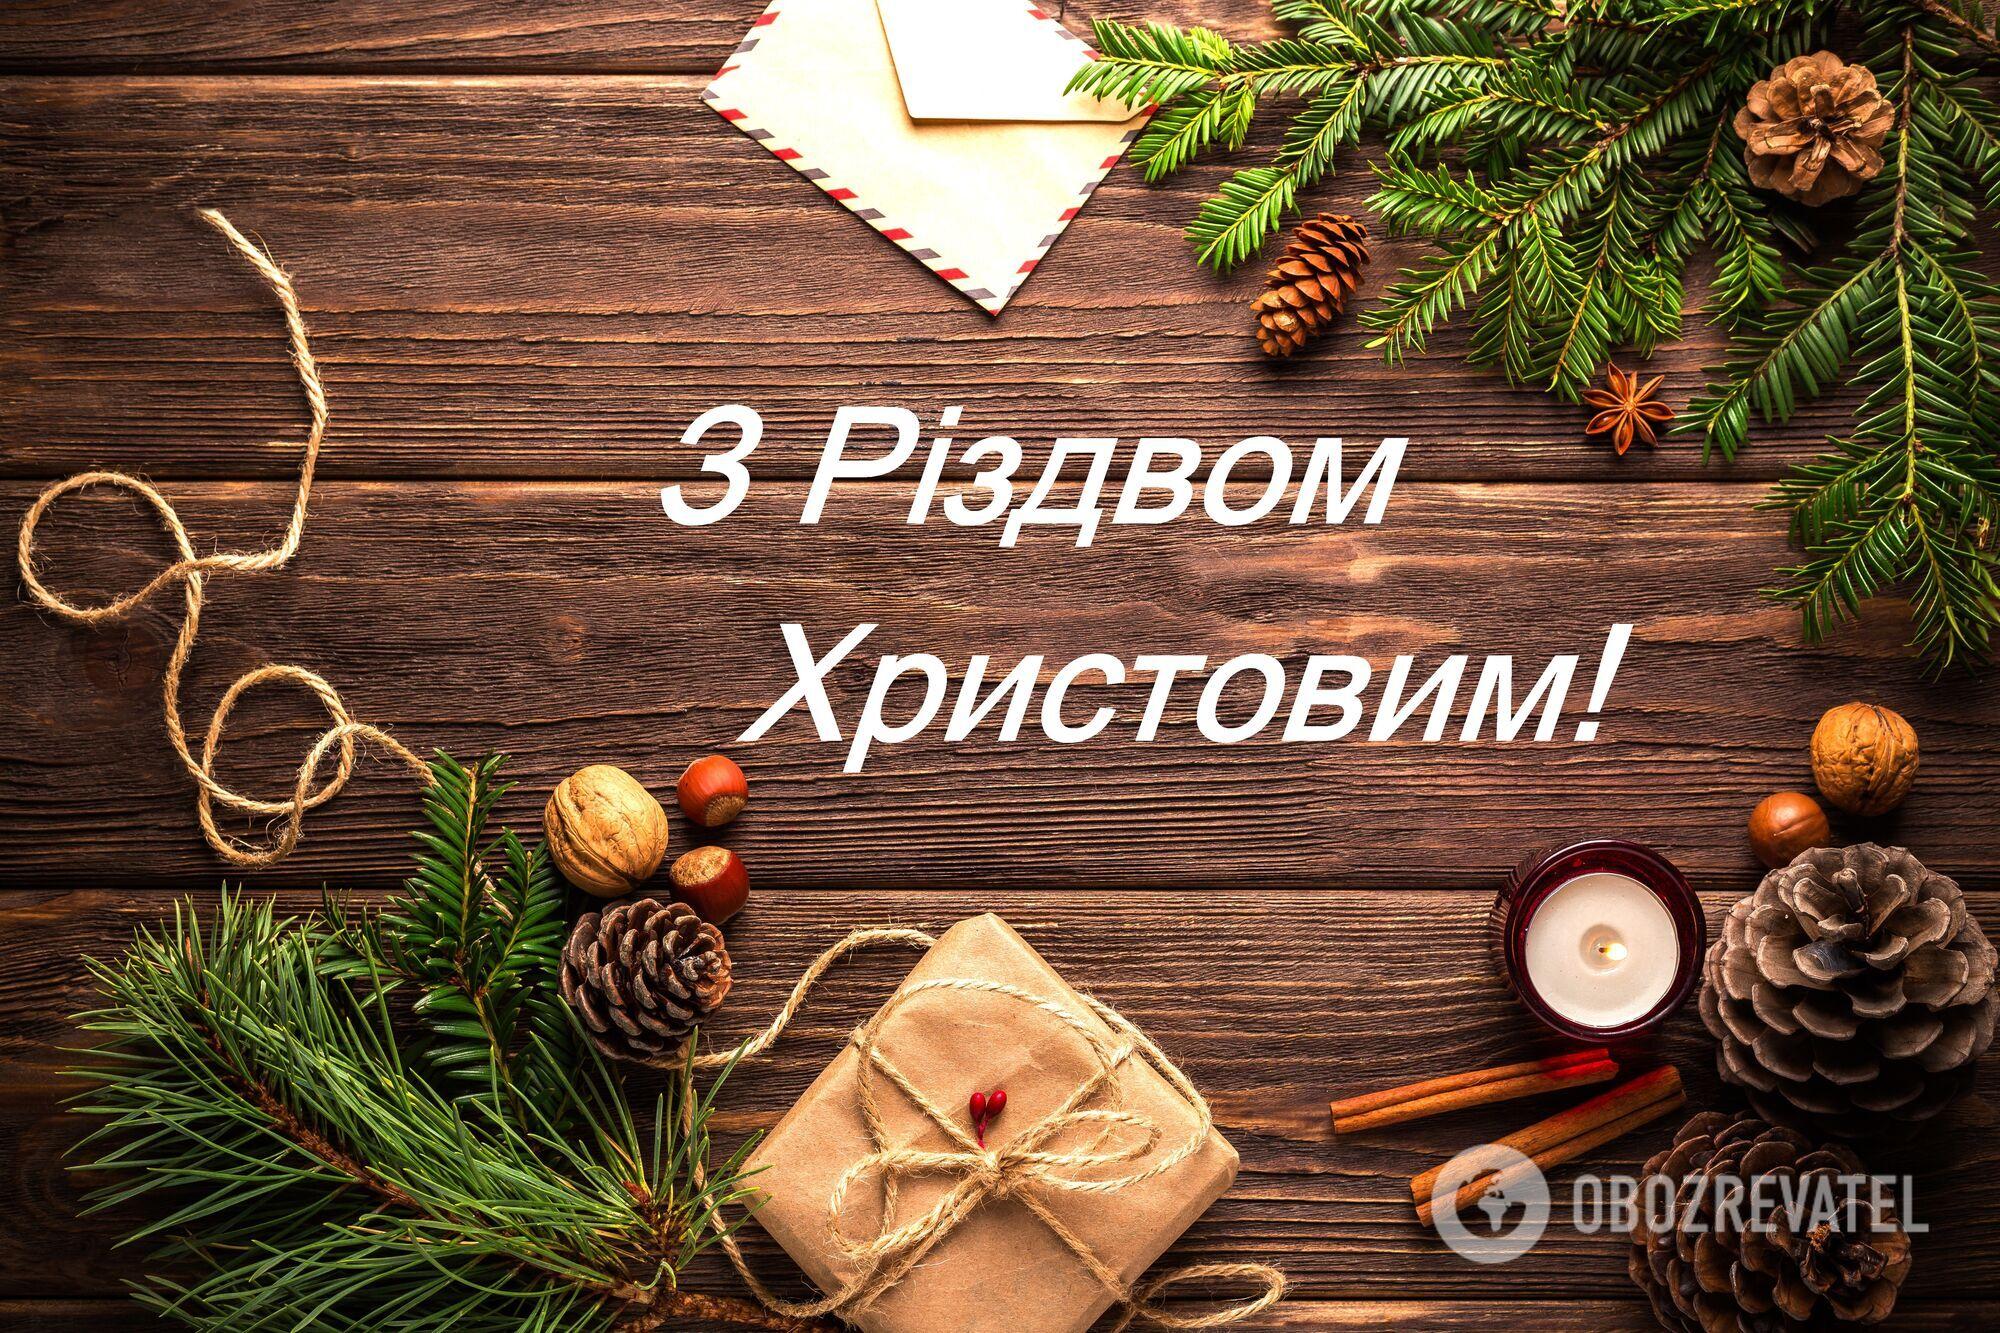 Открытка в Рождество